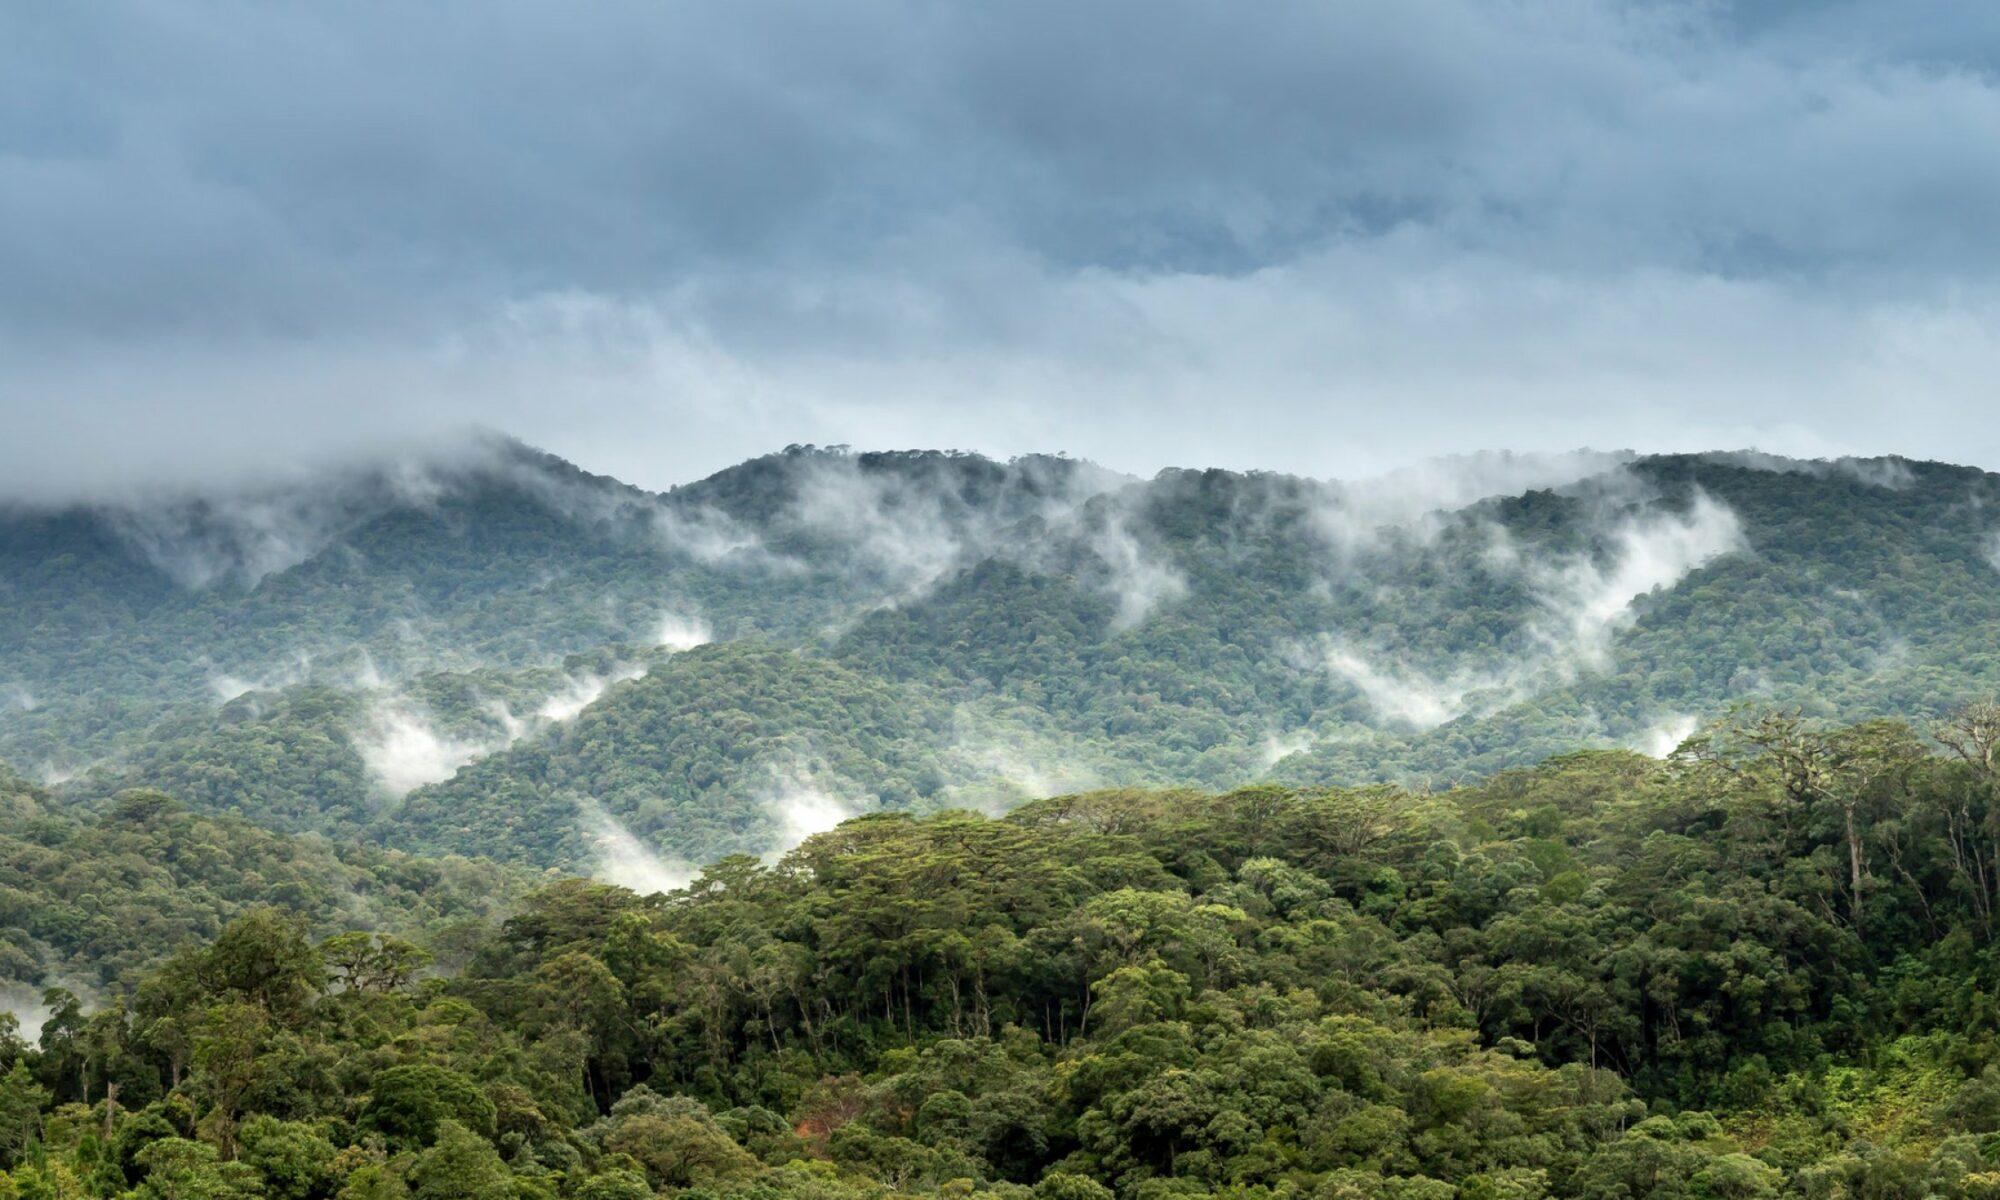 Sembrar bosques podría enfriar la atmósfera de la Tierra más de lo que se pensaba